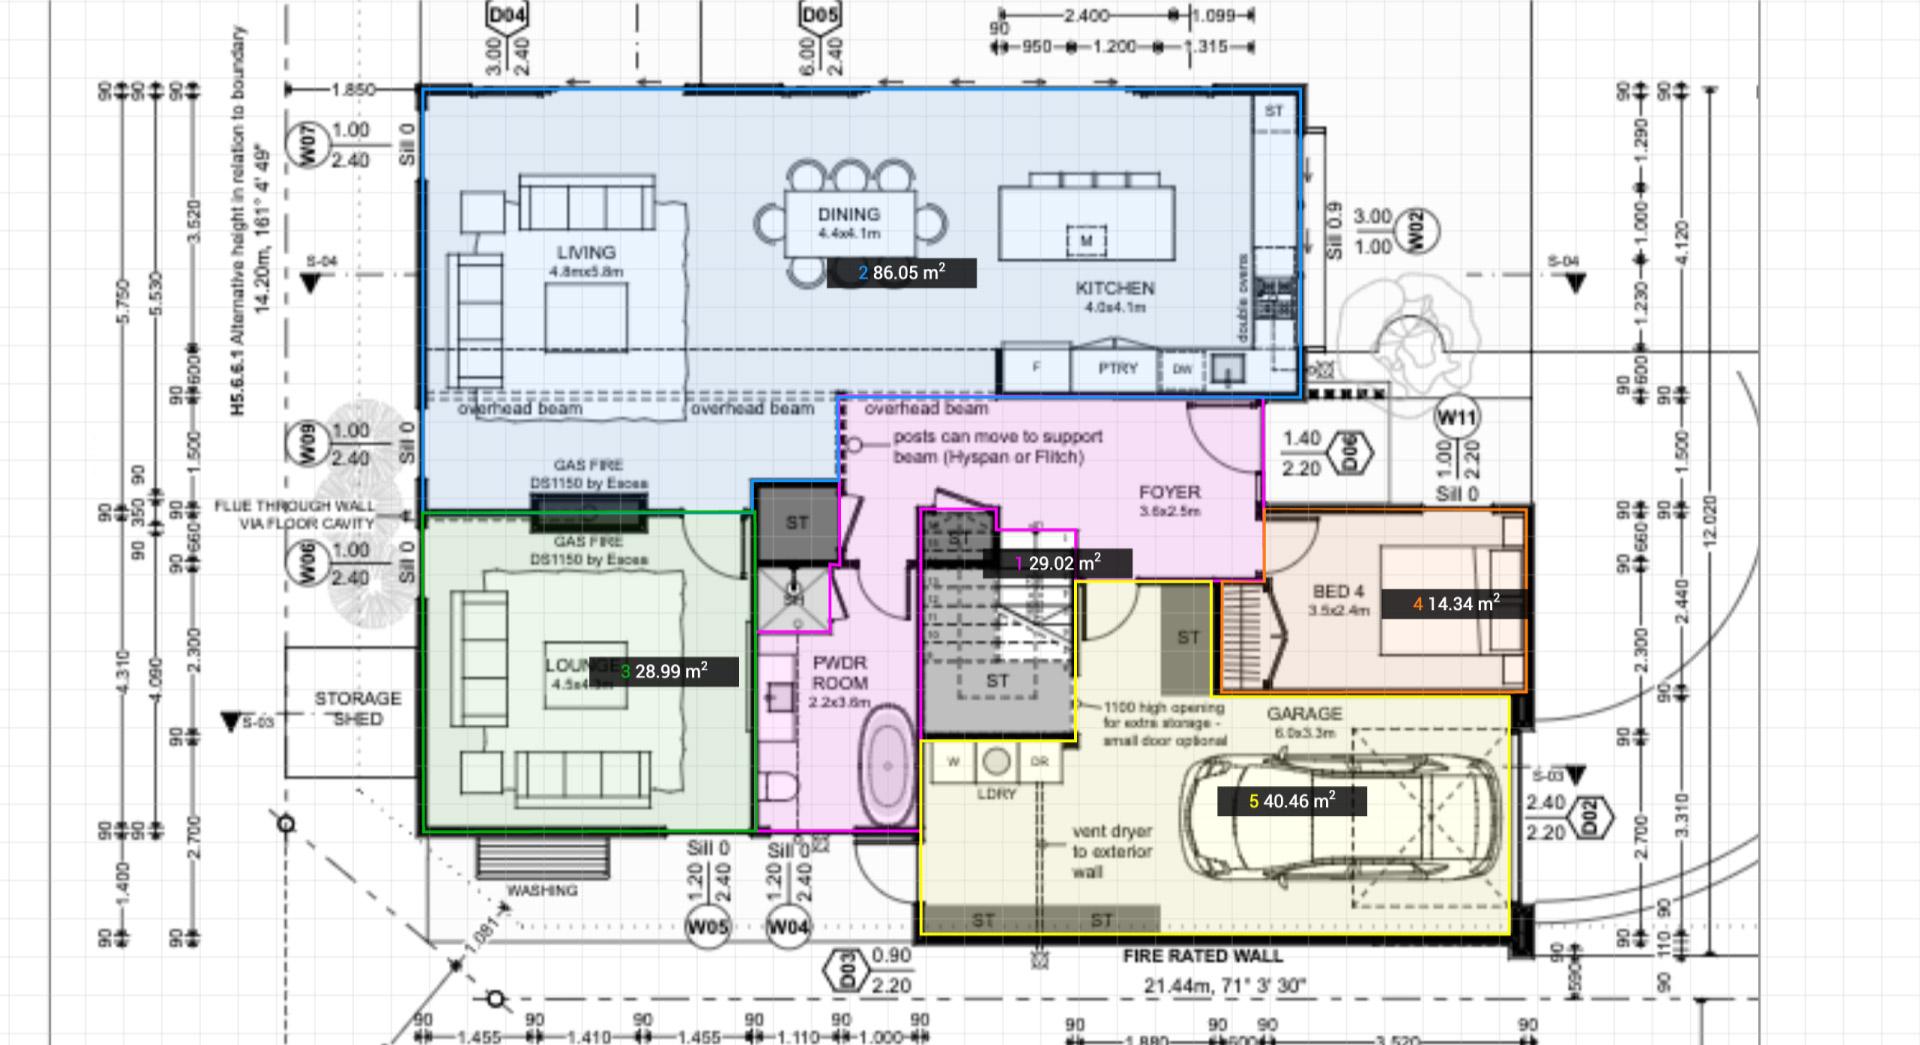 Floor Plan Area Calculator Calculate Floor Area Of A Room Surface Area